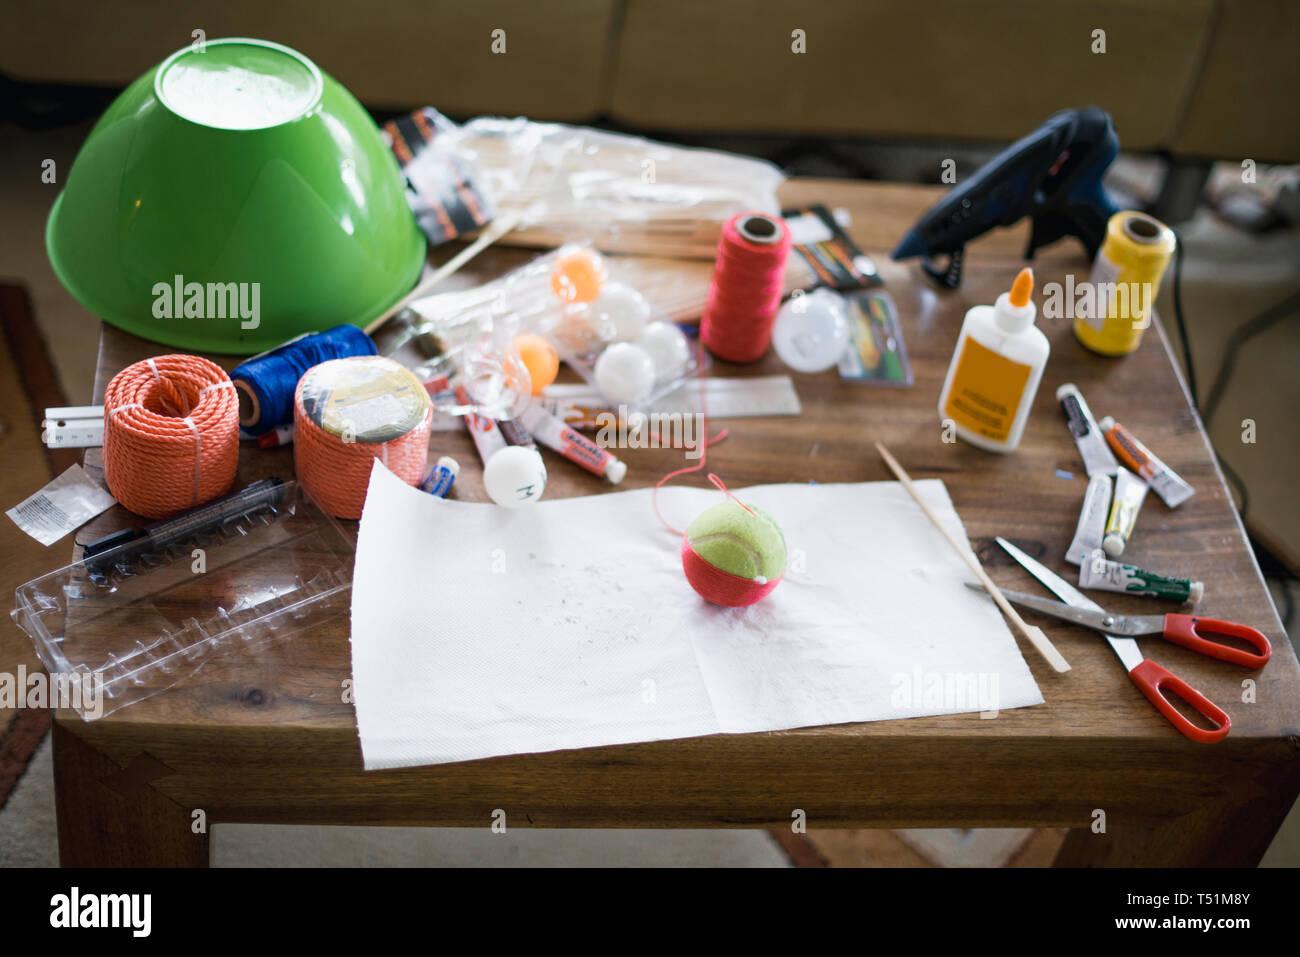 Tisch voller Spielzeug und Wissenschaft Zeug für die Erziehung eines Kindes Stockbild